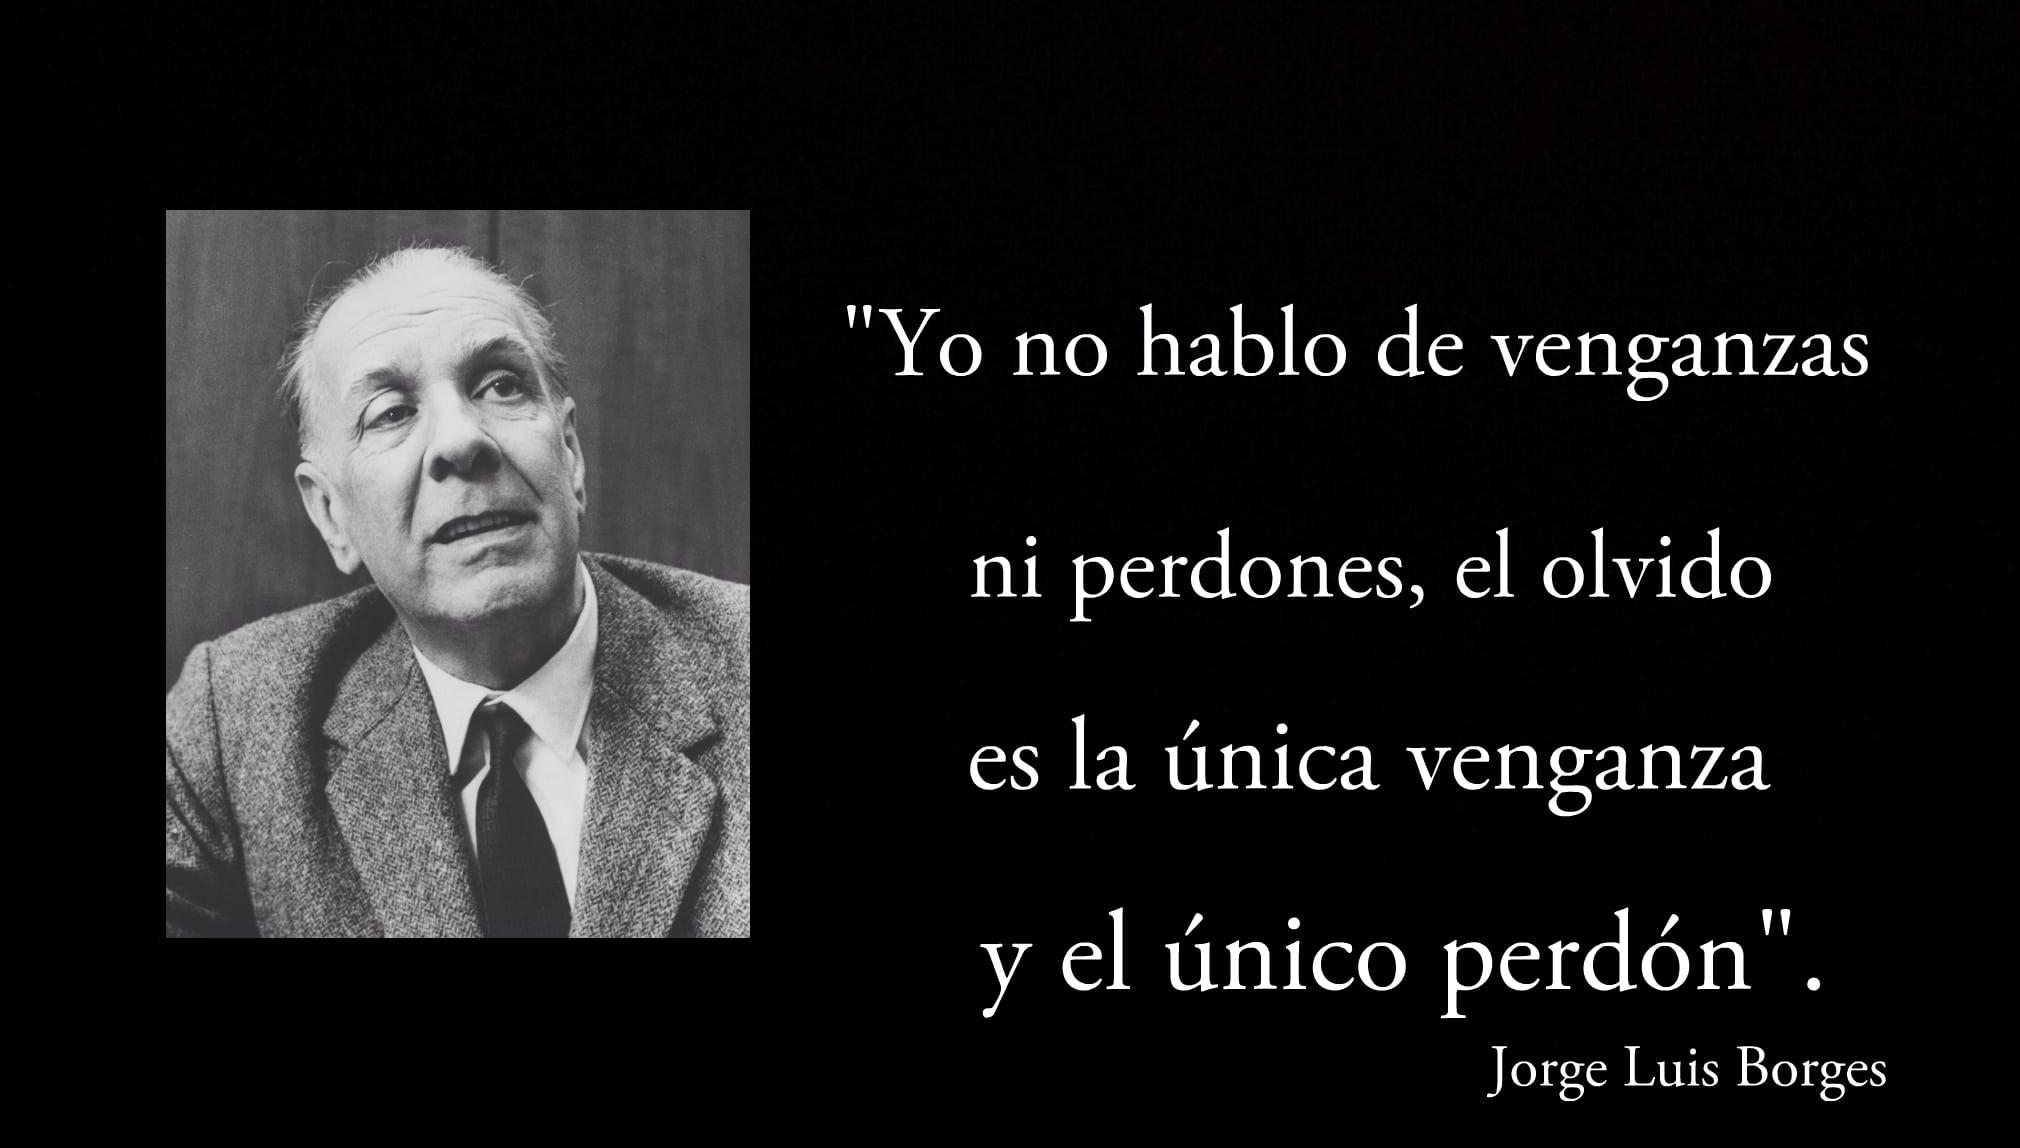 Frase de Jorge Luis Borges.